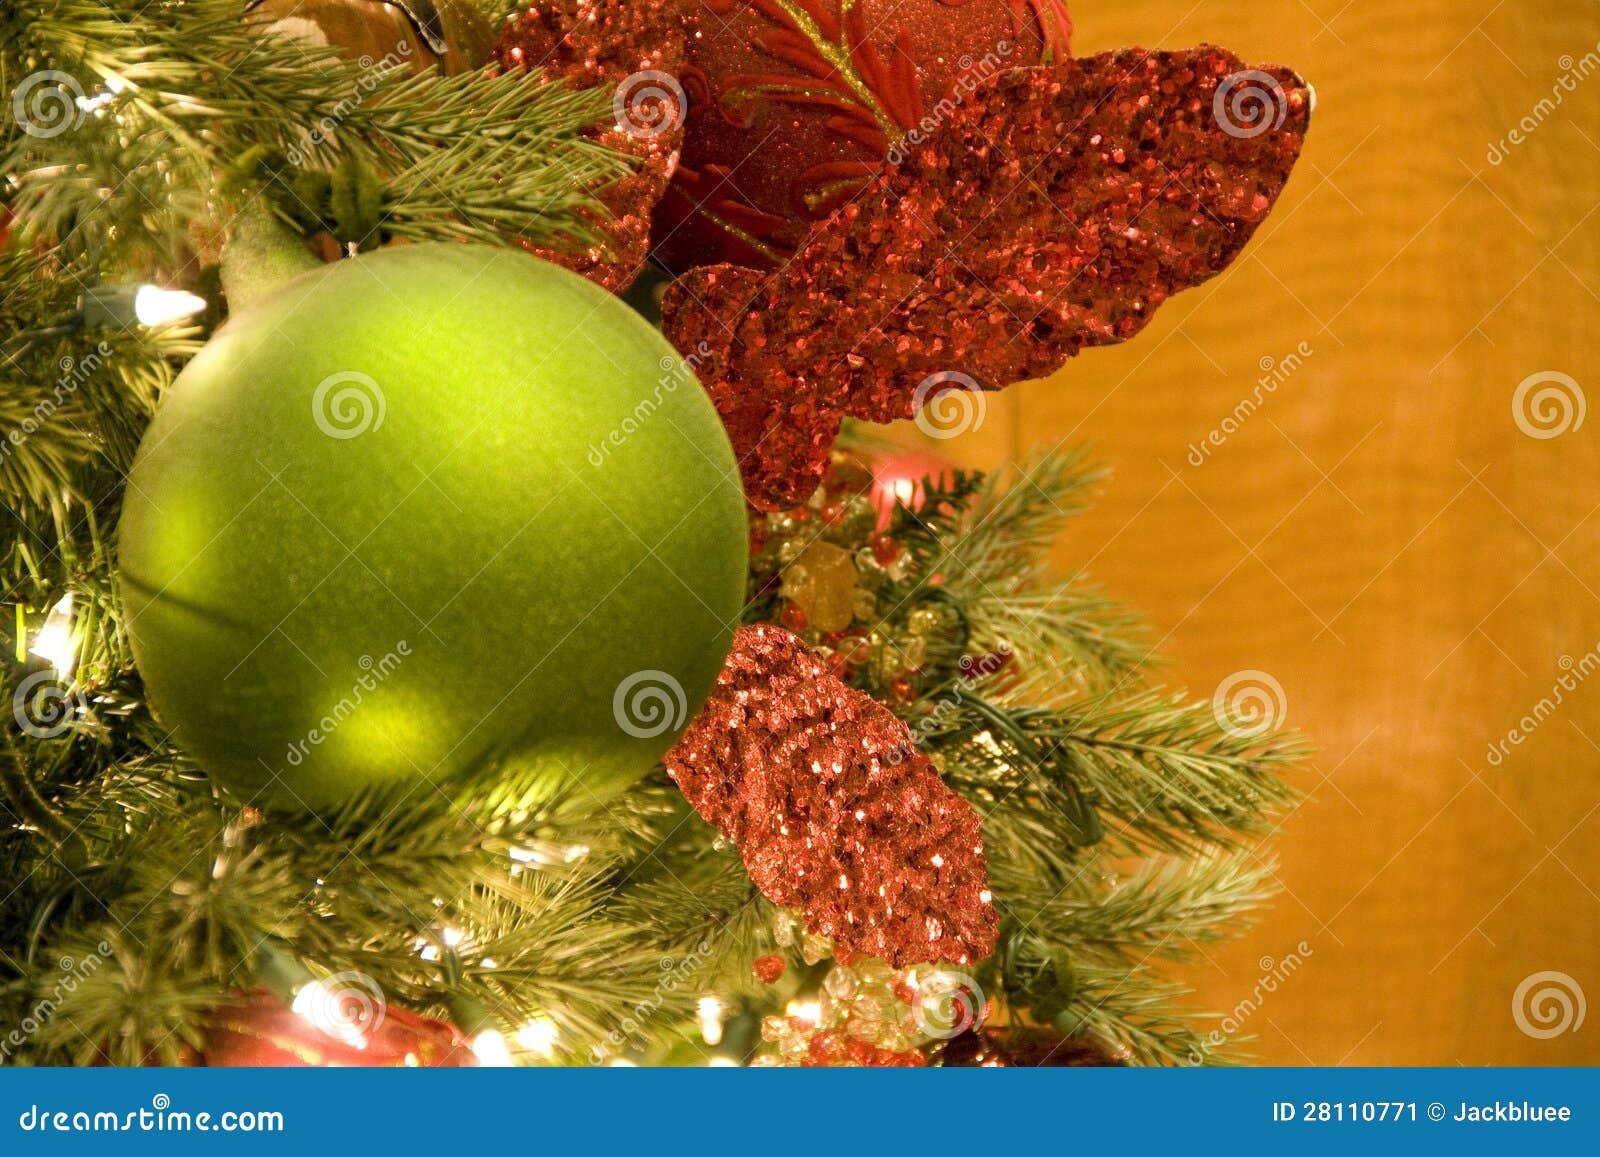 weihnachtsbaum gr nkugel stockbild bild 28110771. Black Bedroom Furniture Sets. Home Design Ideas